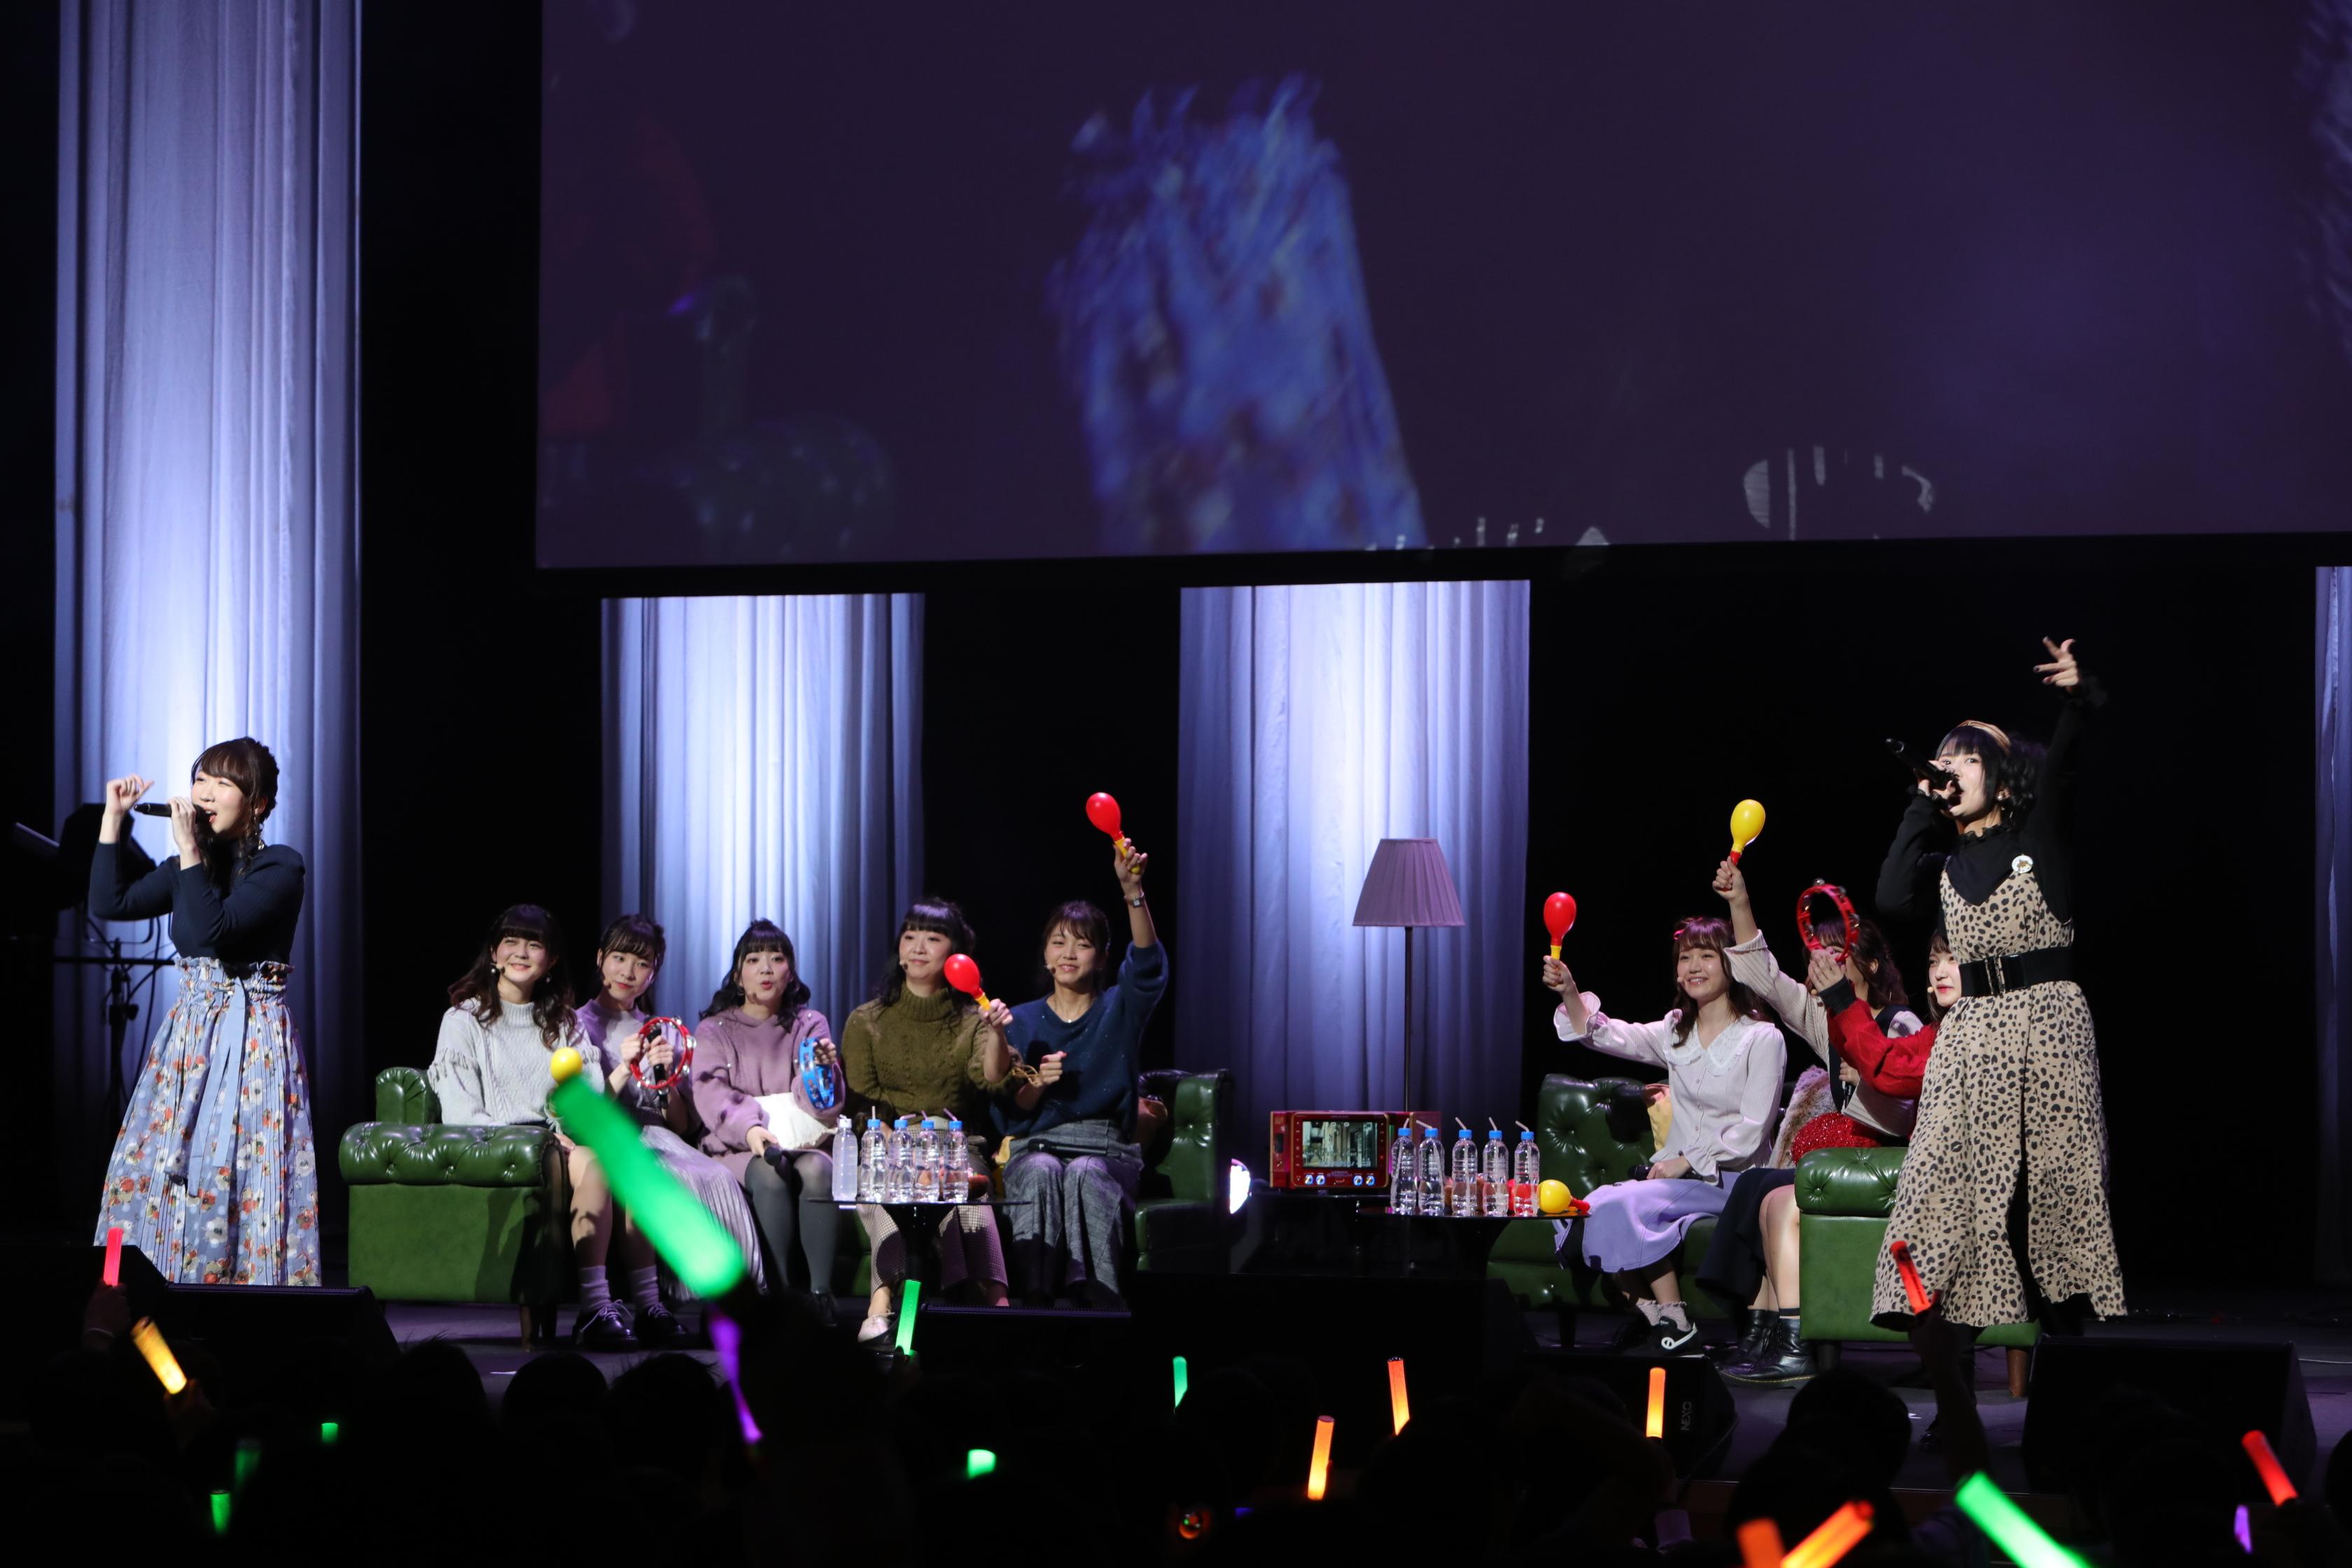 ソファセットでカラオケ大会。佐々木・相羽コンビは「シャンパンゴールド」